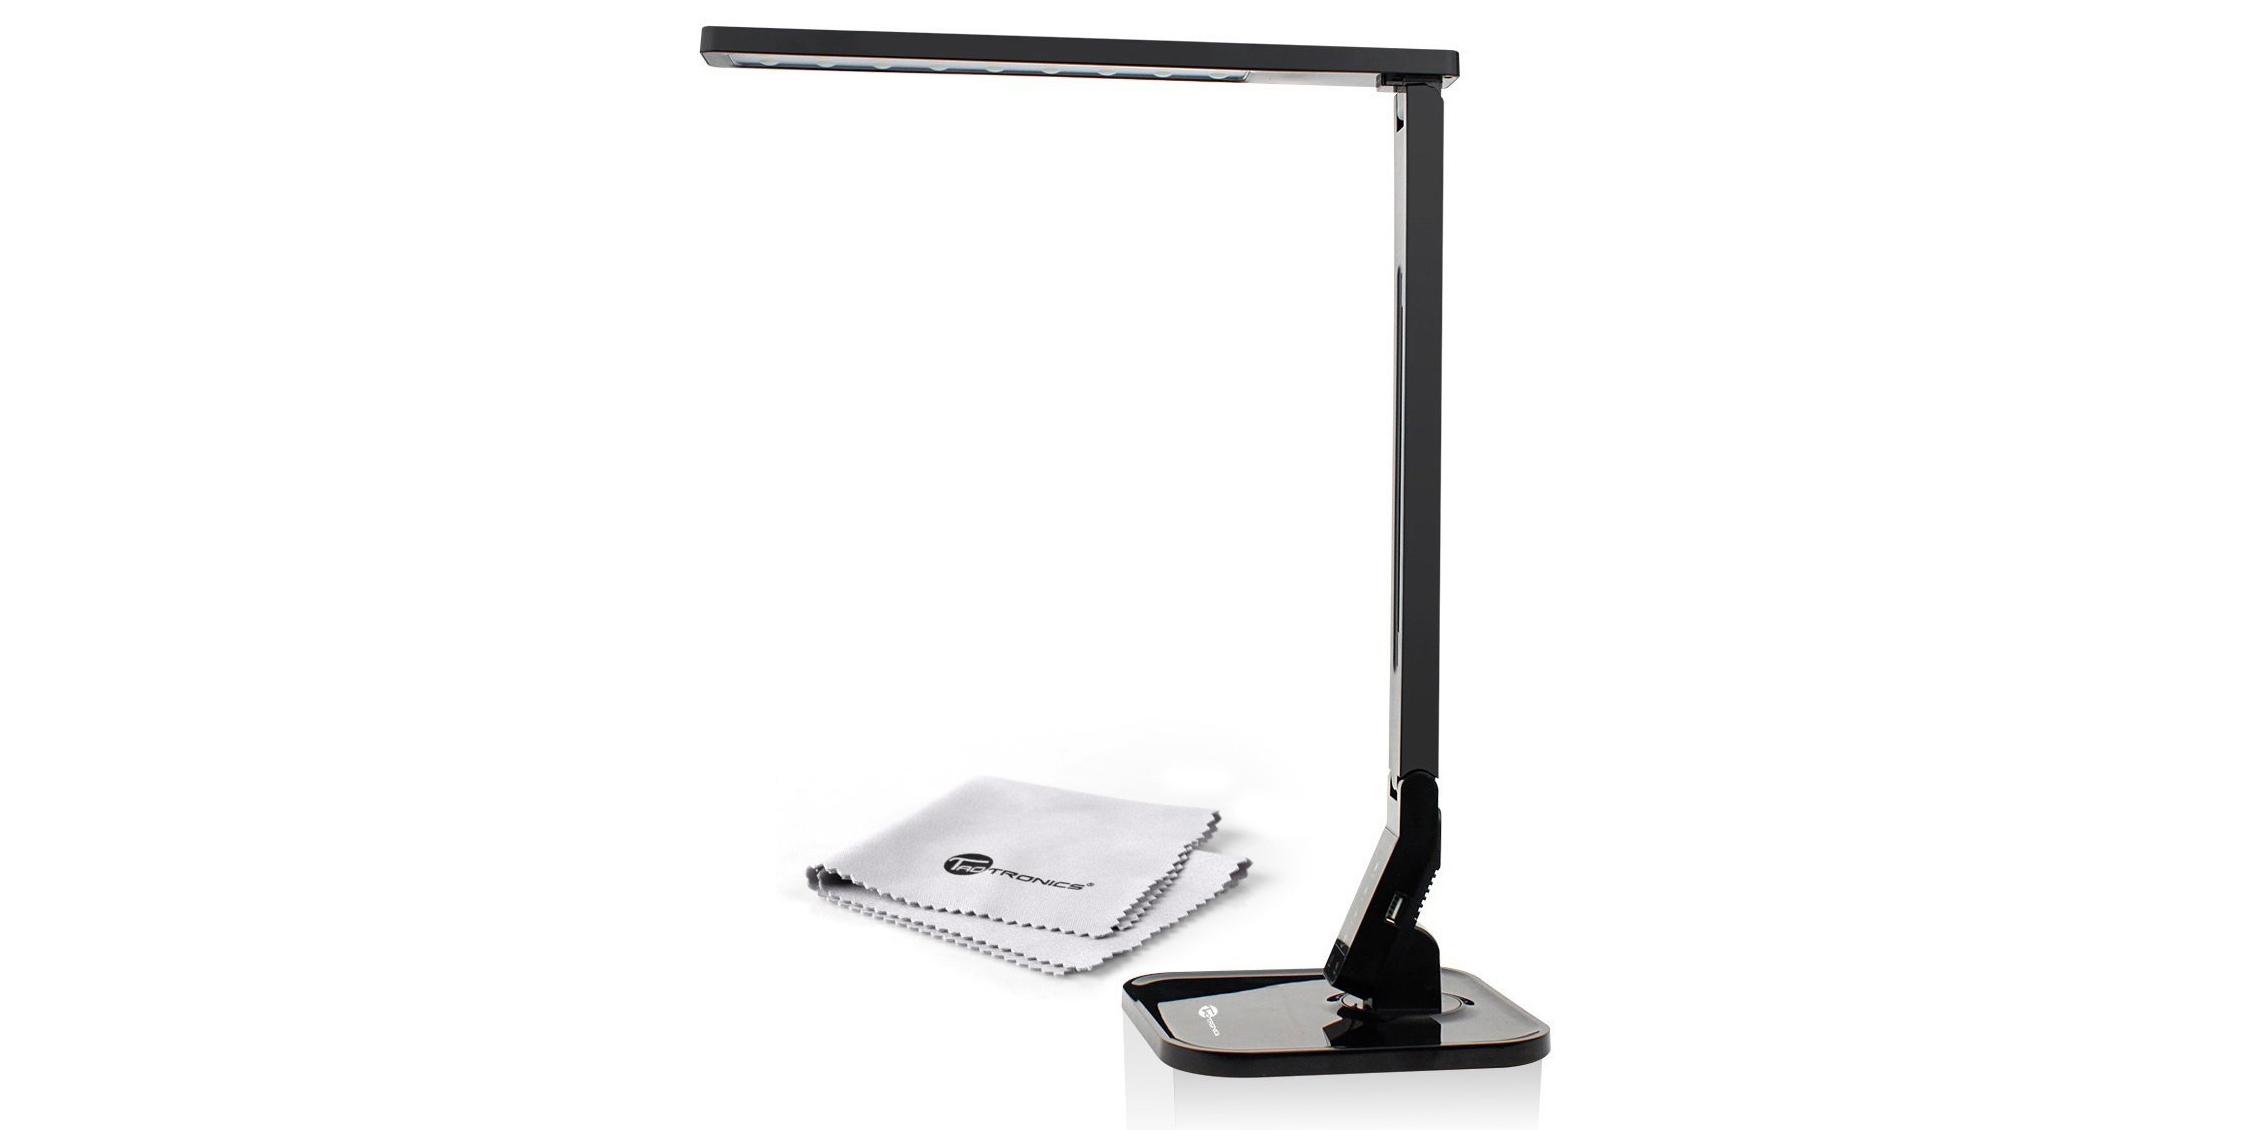 taotronics-black-led-lamp